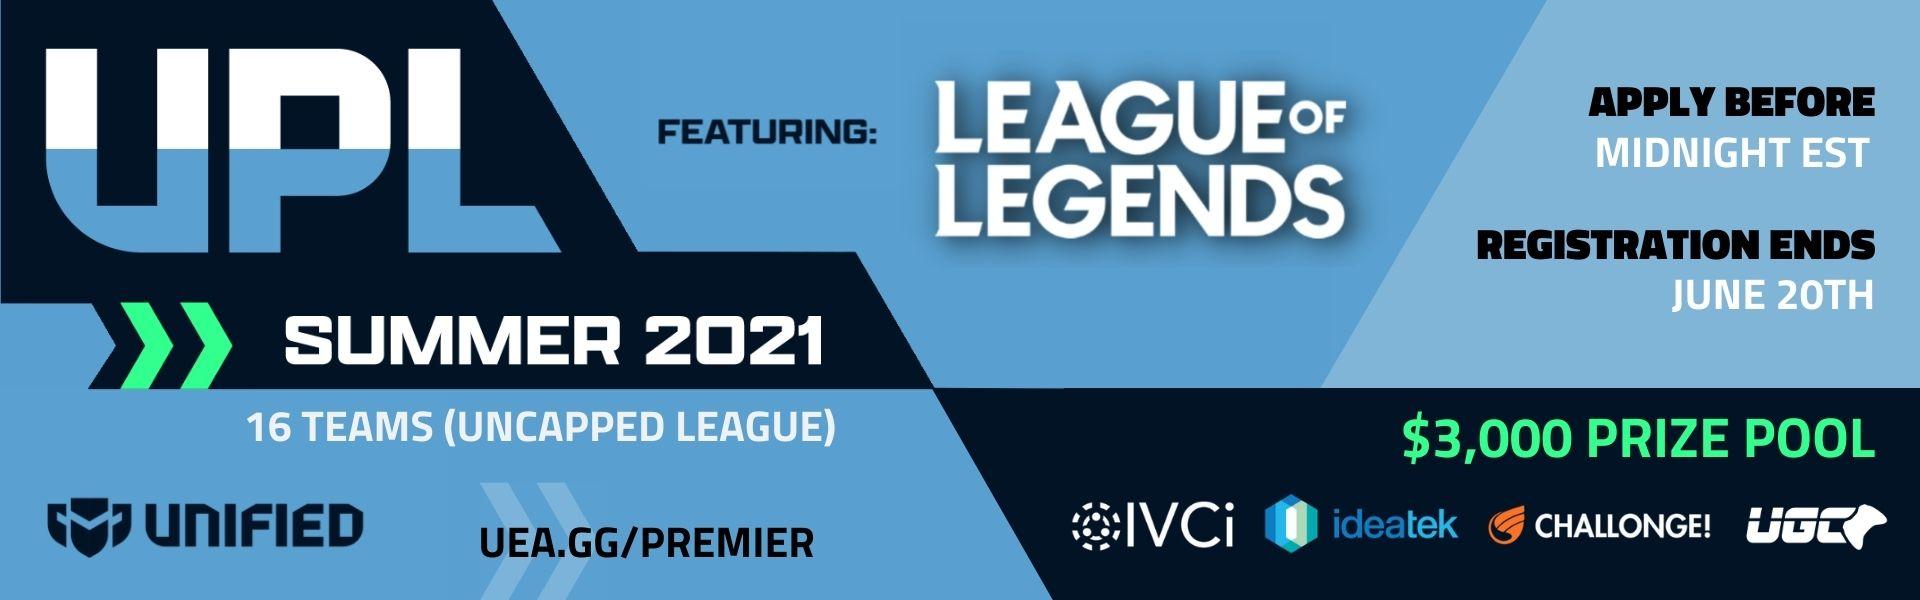 Upsurge Premier League - League of Legends - Summer 2021